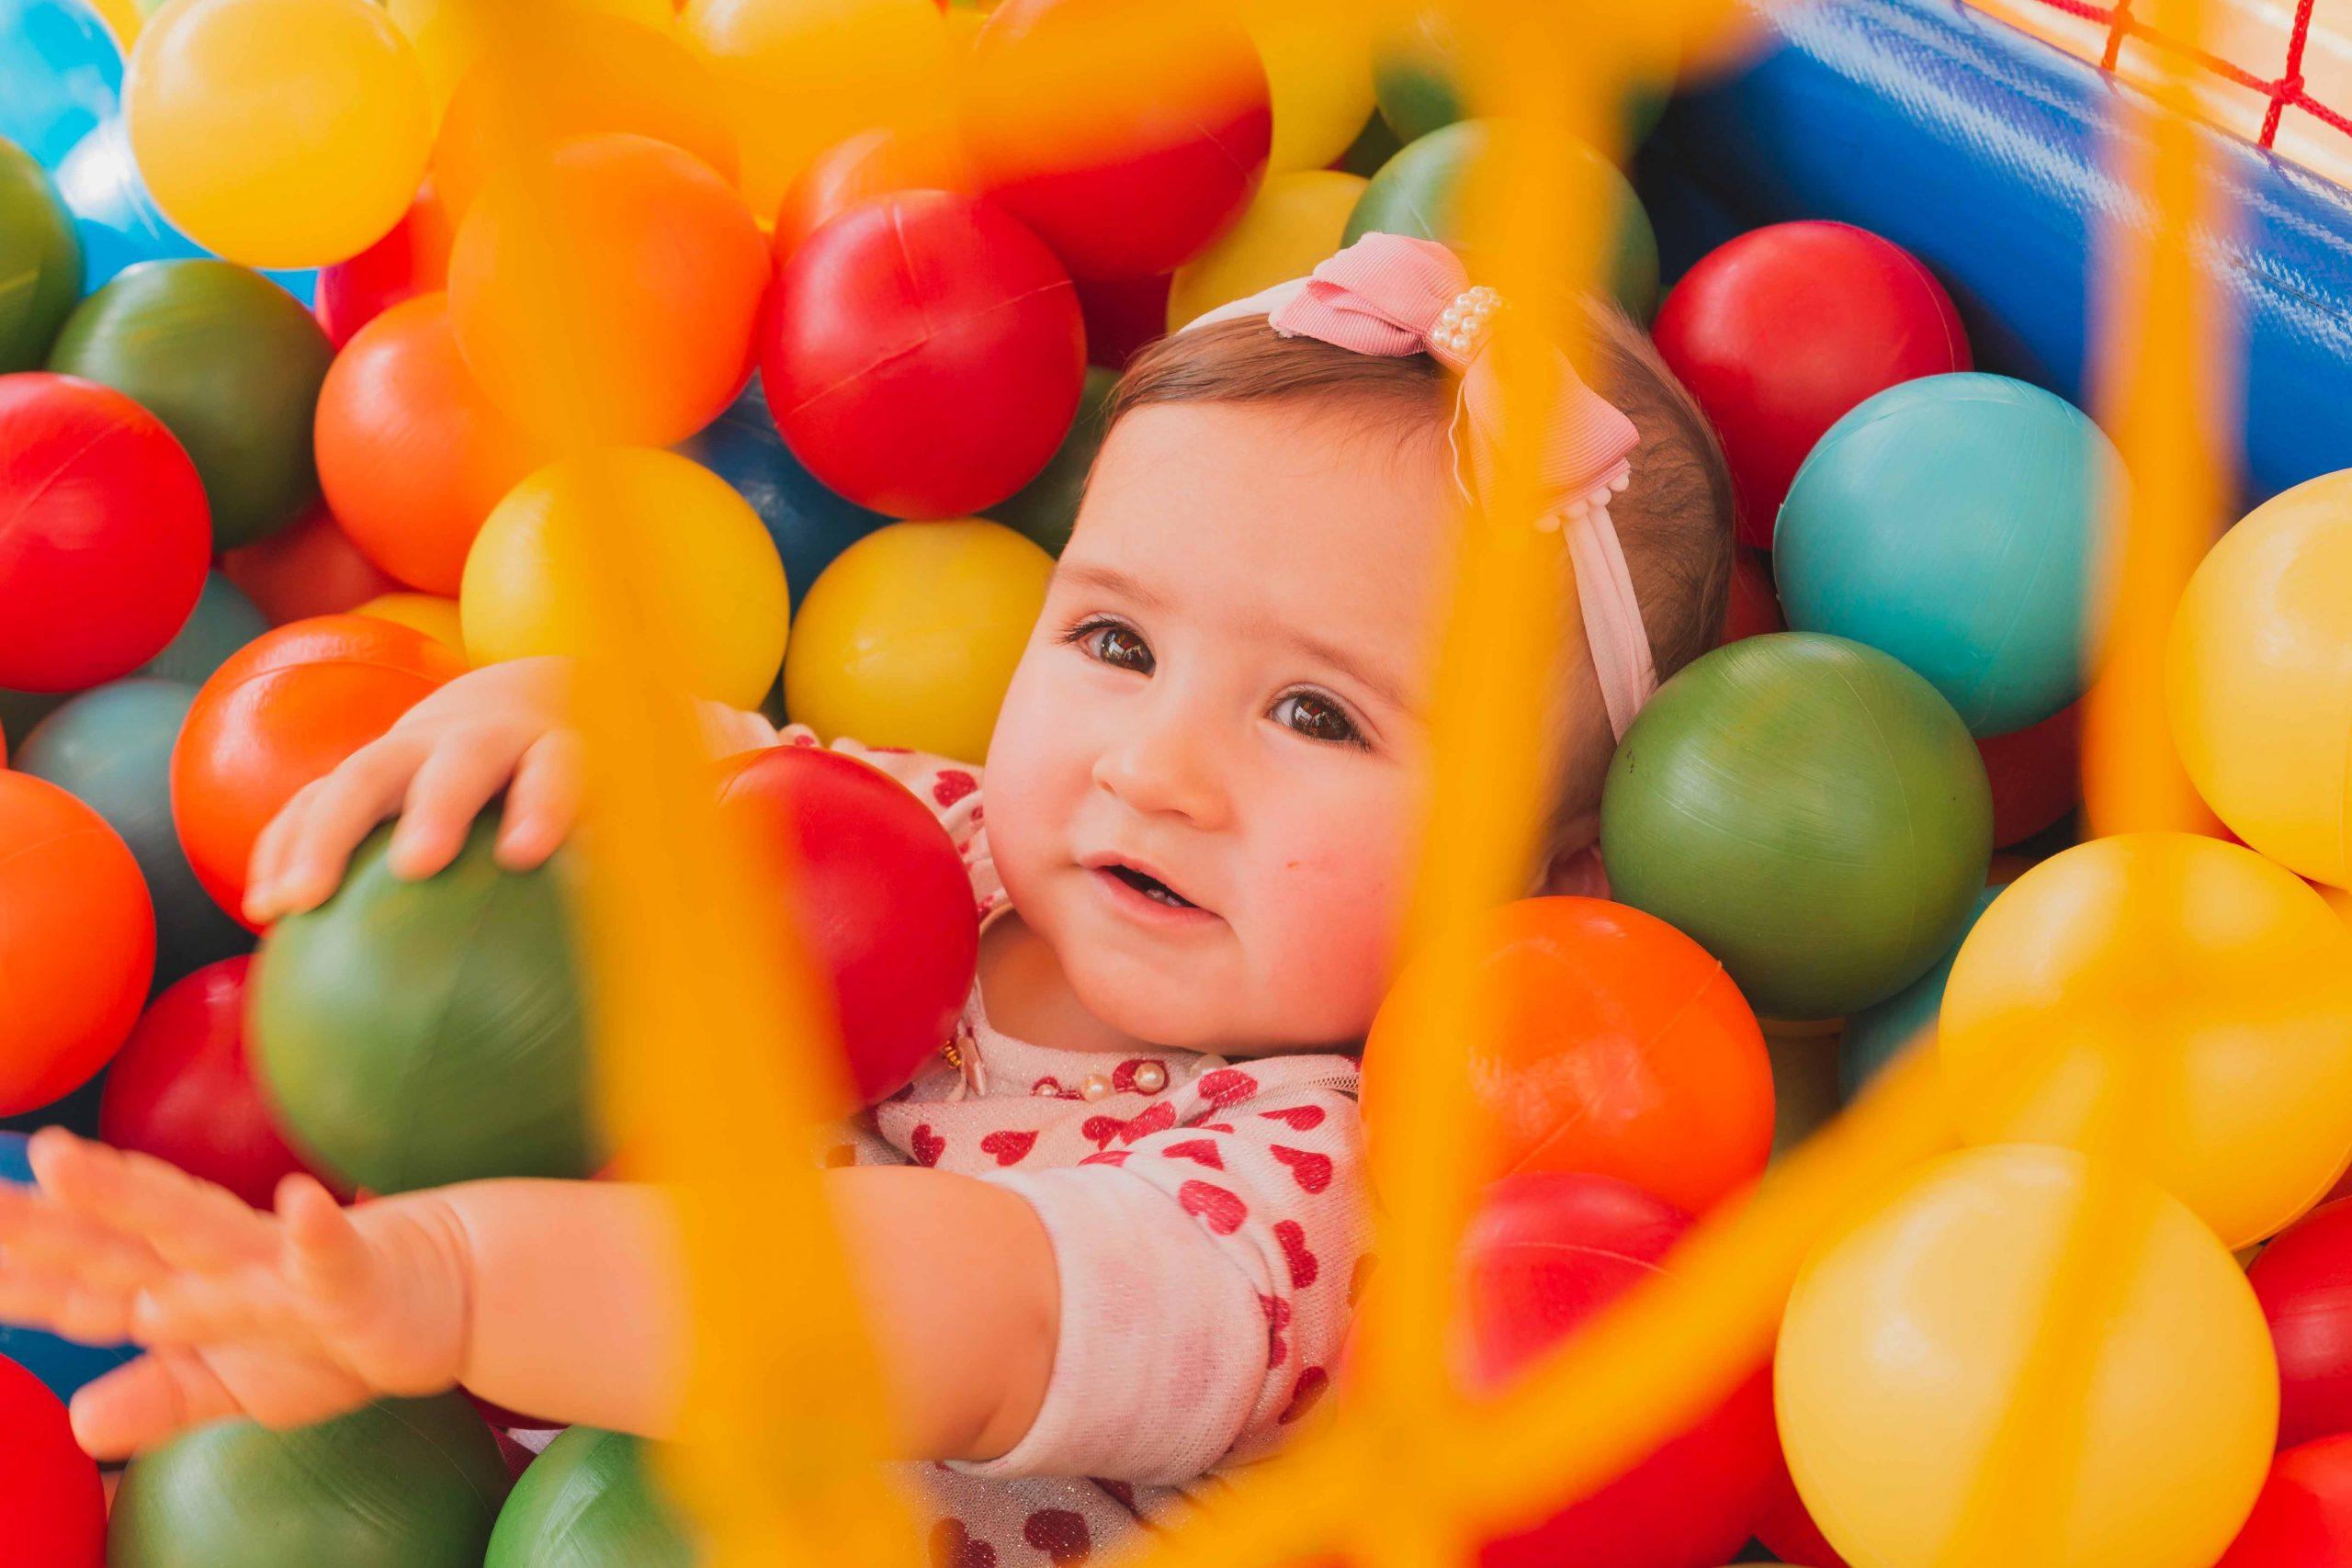 """Foto de uma criança pequena dentro de uma piscina de bolinhas para a pauta """"Áreas de lazer devem seguir normas de segurança"""" para o Blog da Estasa."""